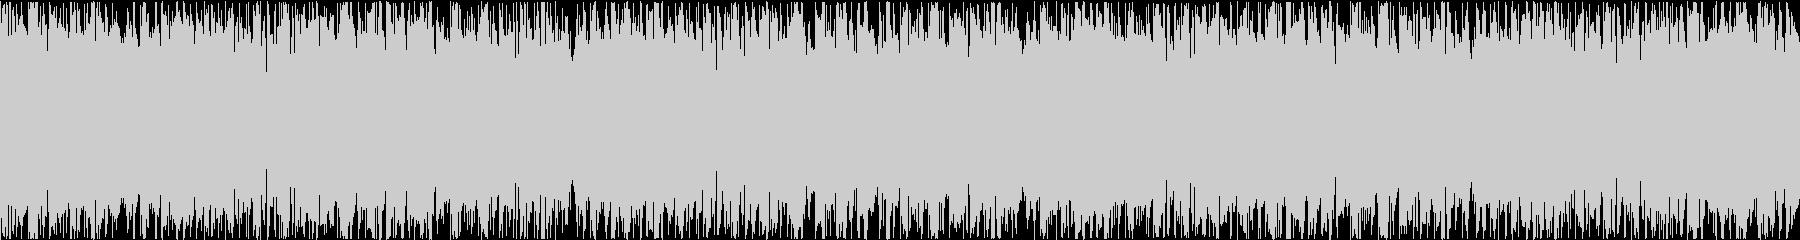 ポップで楽しいEDM(30秒ループ)の未再生の波形